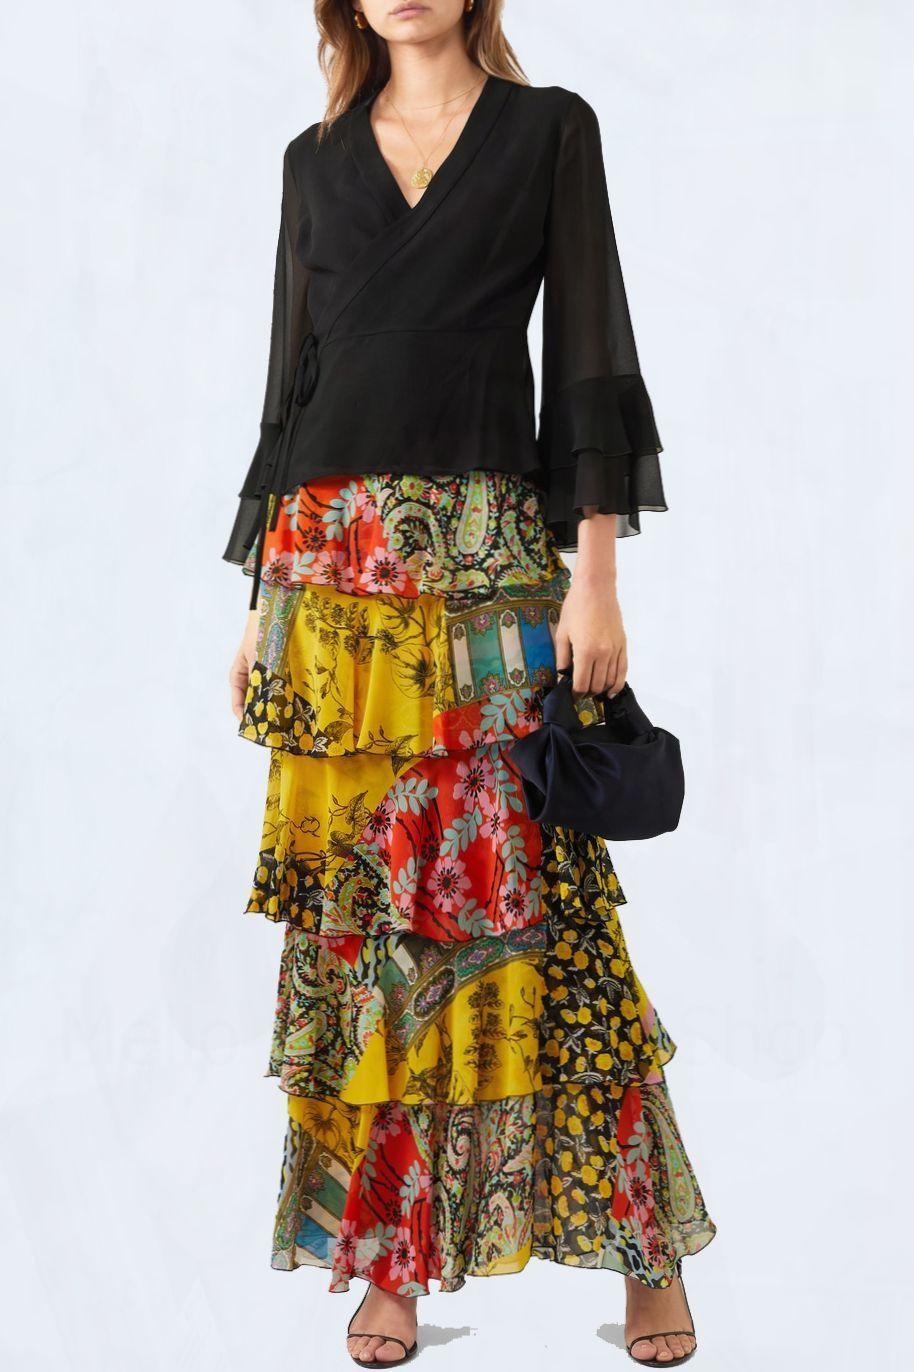 Блузки ручной работы. Ярмарка Мастеров - ручная работа. Купить Черная женская блузка. Для работы и офиса. Пошита из блузочной ткани. Handmade.